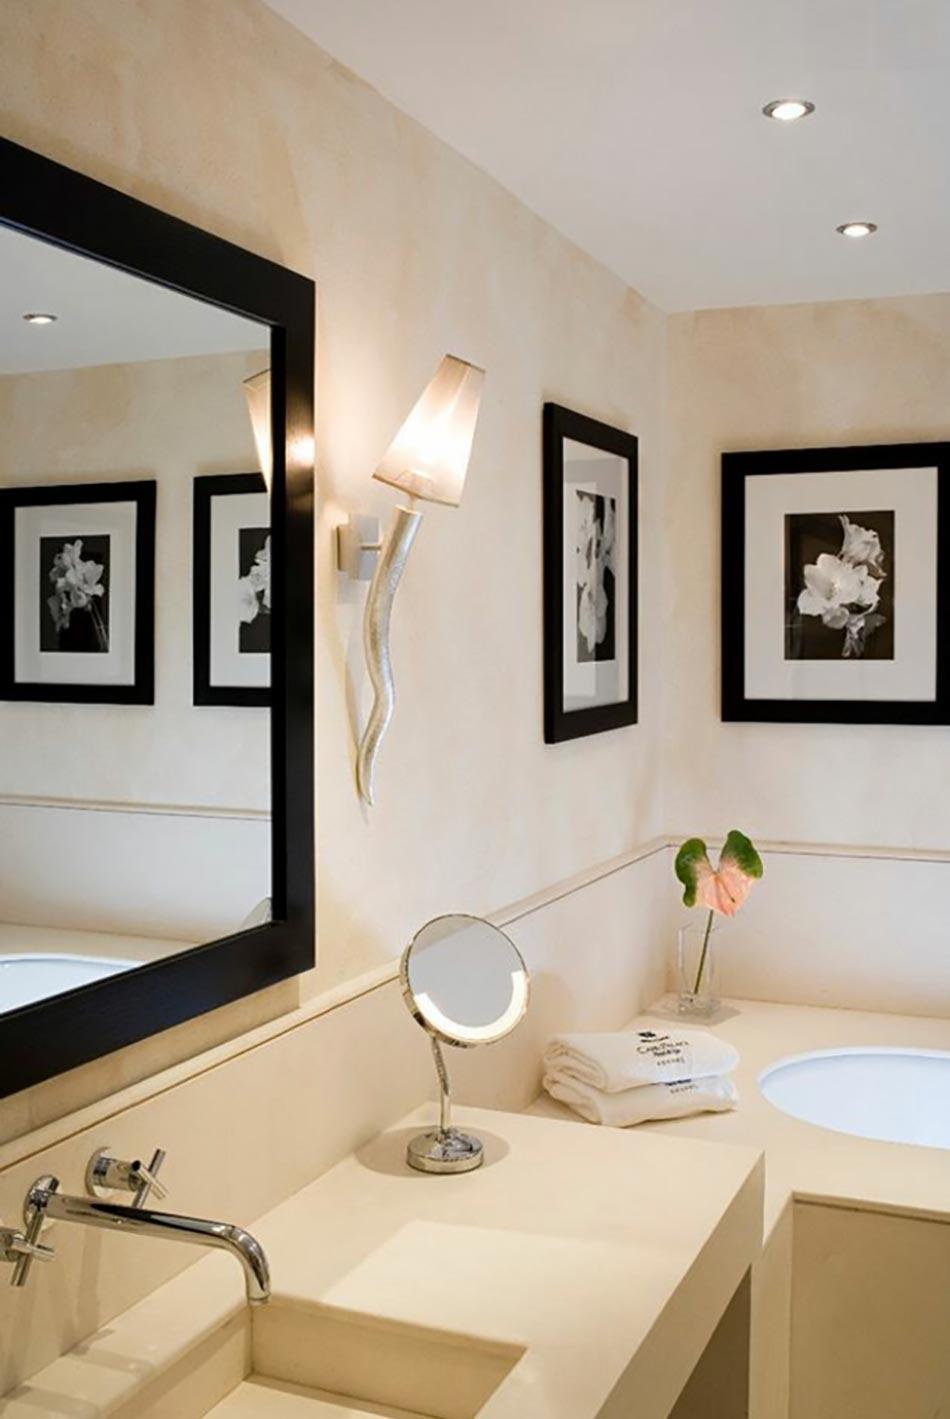 Capri palace hotel spa un voyage au c ur du luxe - Salle de bain de luxebaignoires design ...